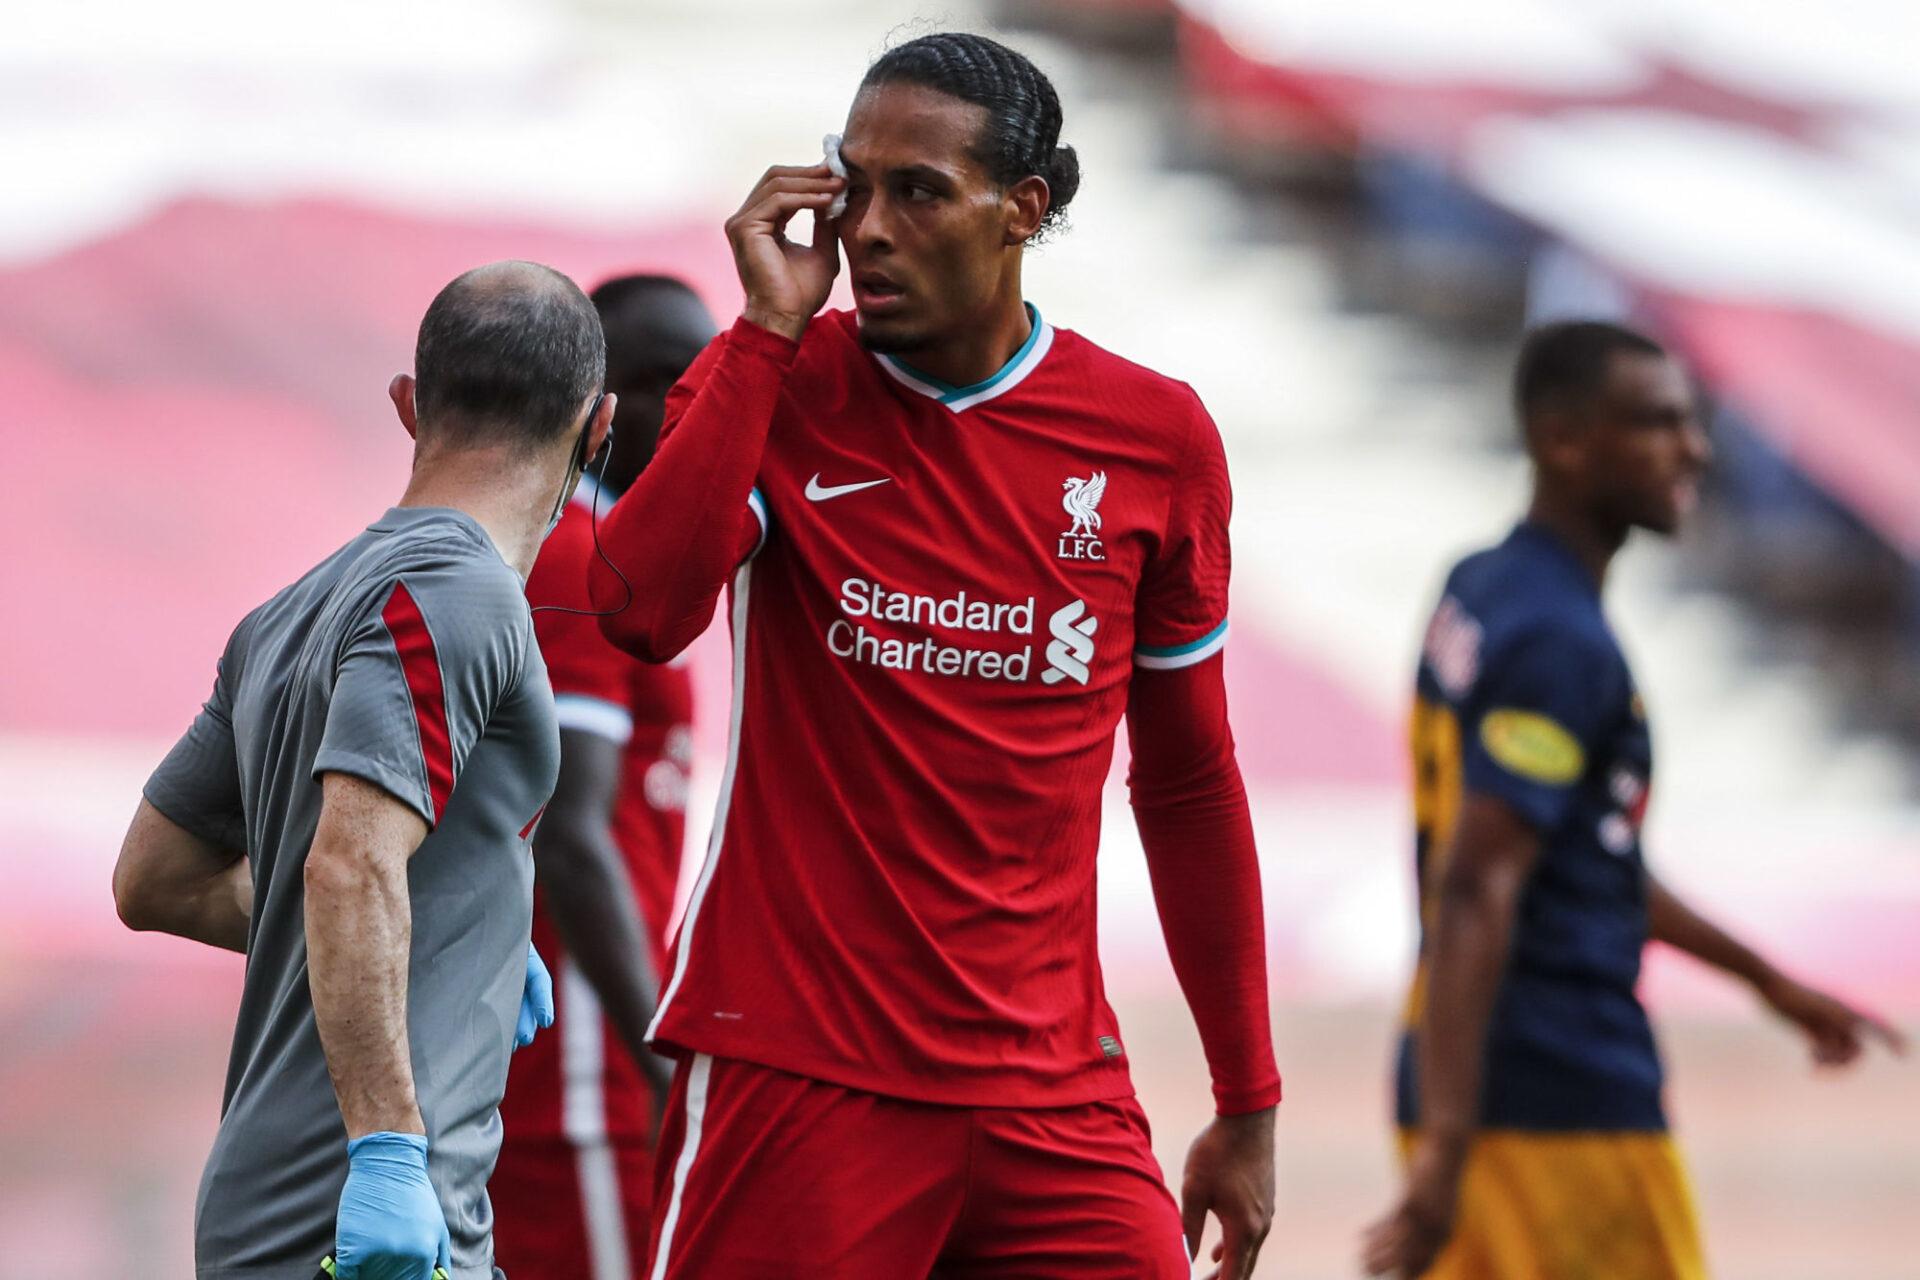 Virgil van Dijk connaît la pression de Liverpool, mais connaît-il celle d'une grande compétition internationale ? / Icon Sport